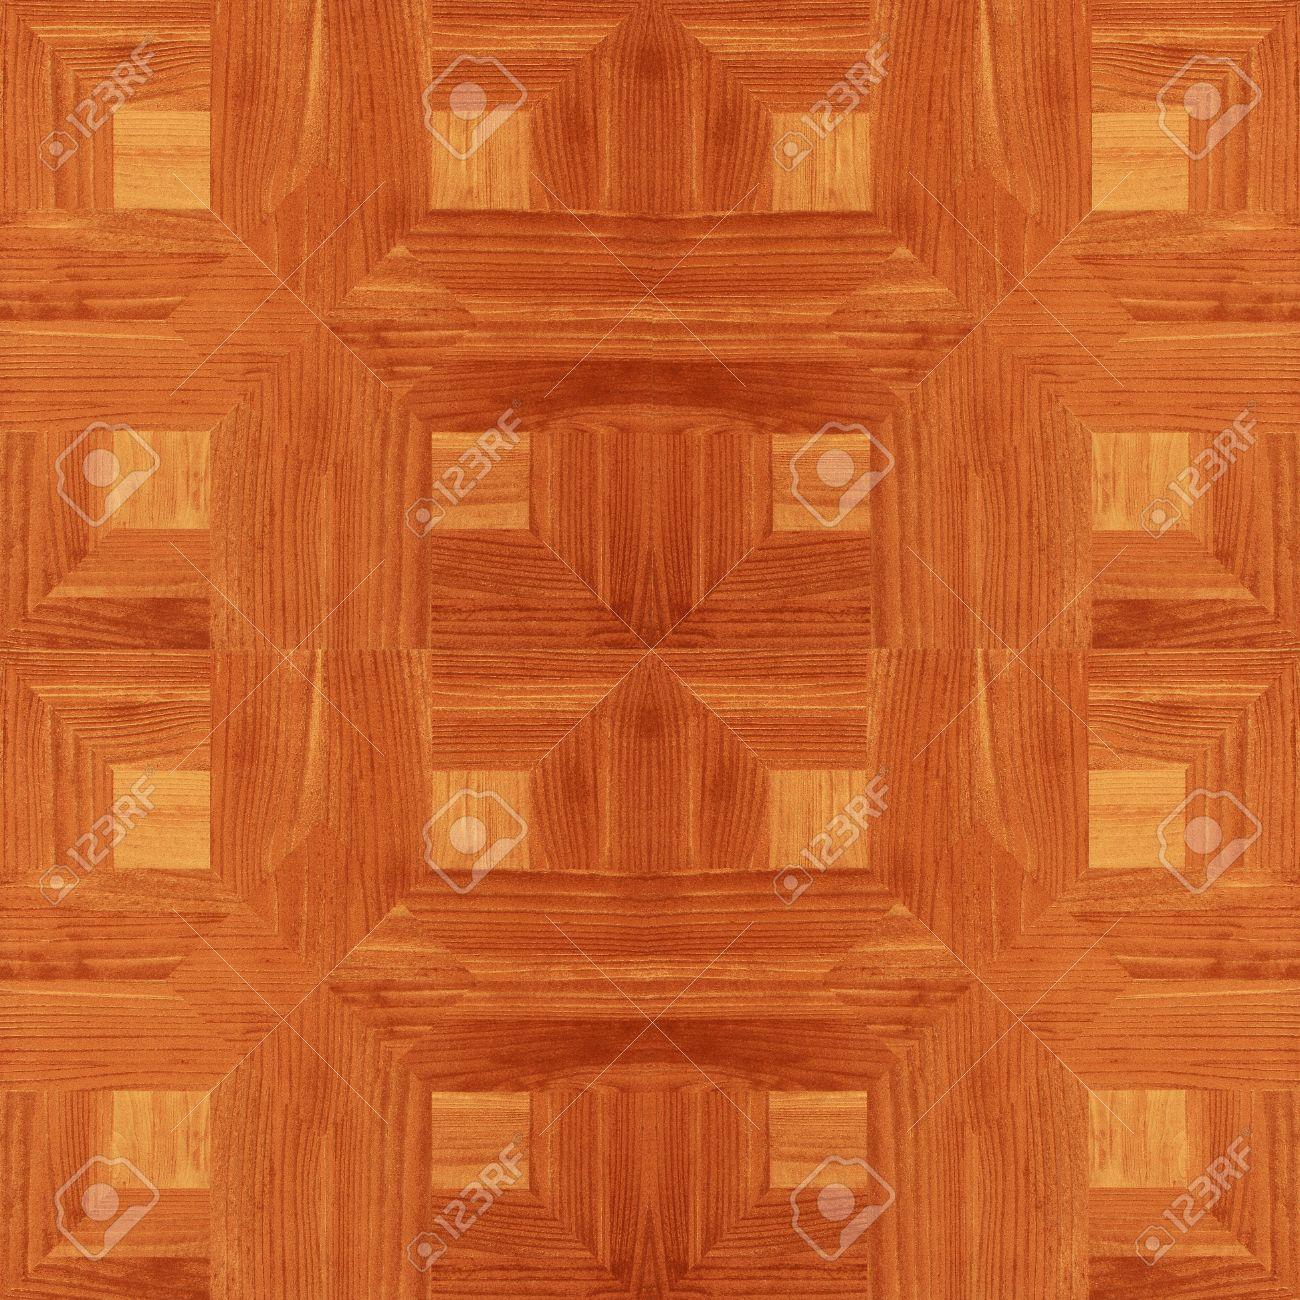 Tafelparkett muster  Qualitativ Hochwertige Parkett Muster Hintergrund Lizenzfreie ...